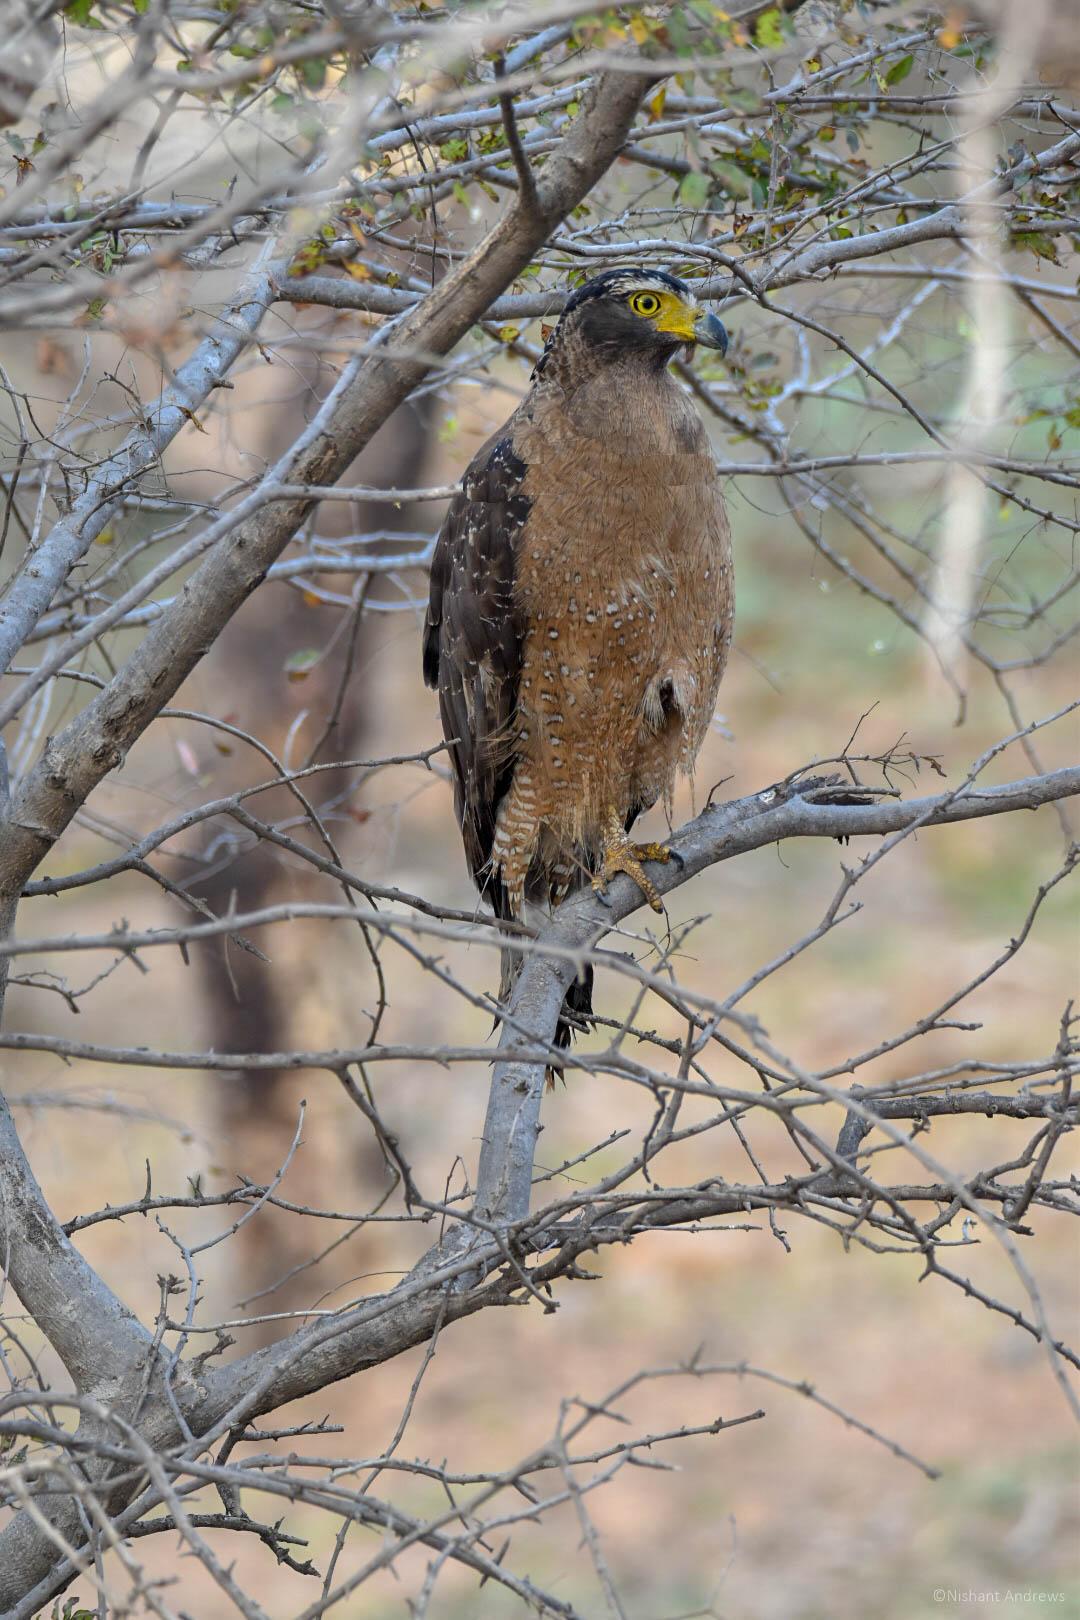 Crested serpent eagle, Rajasthan